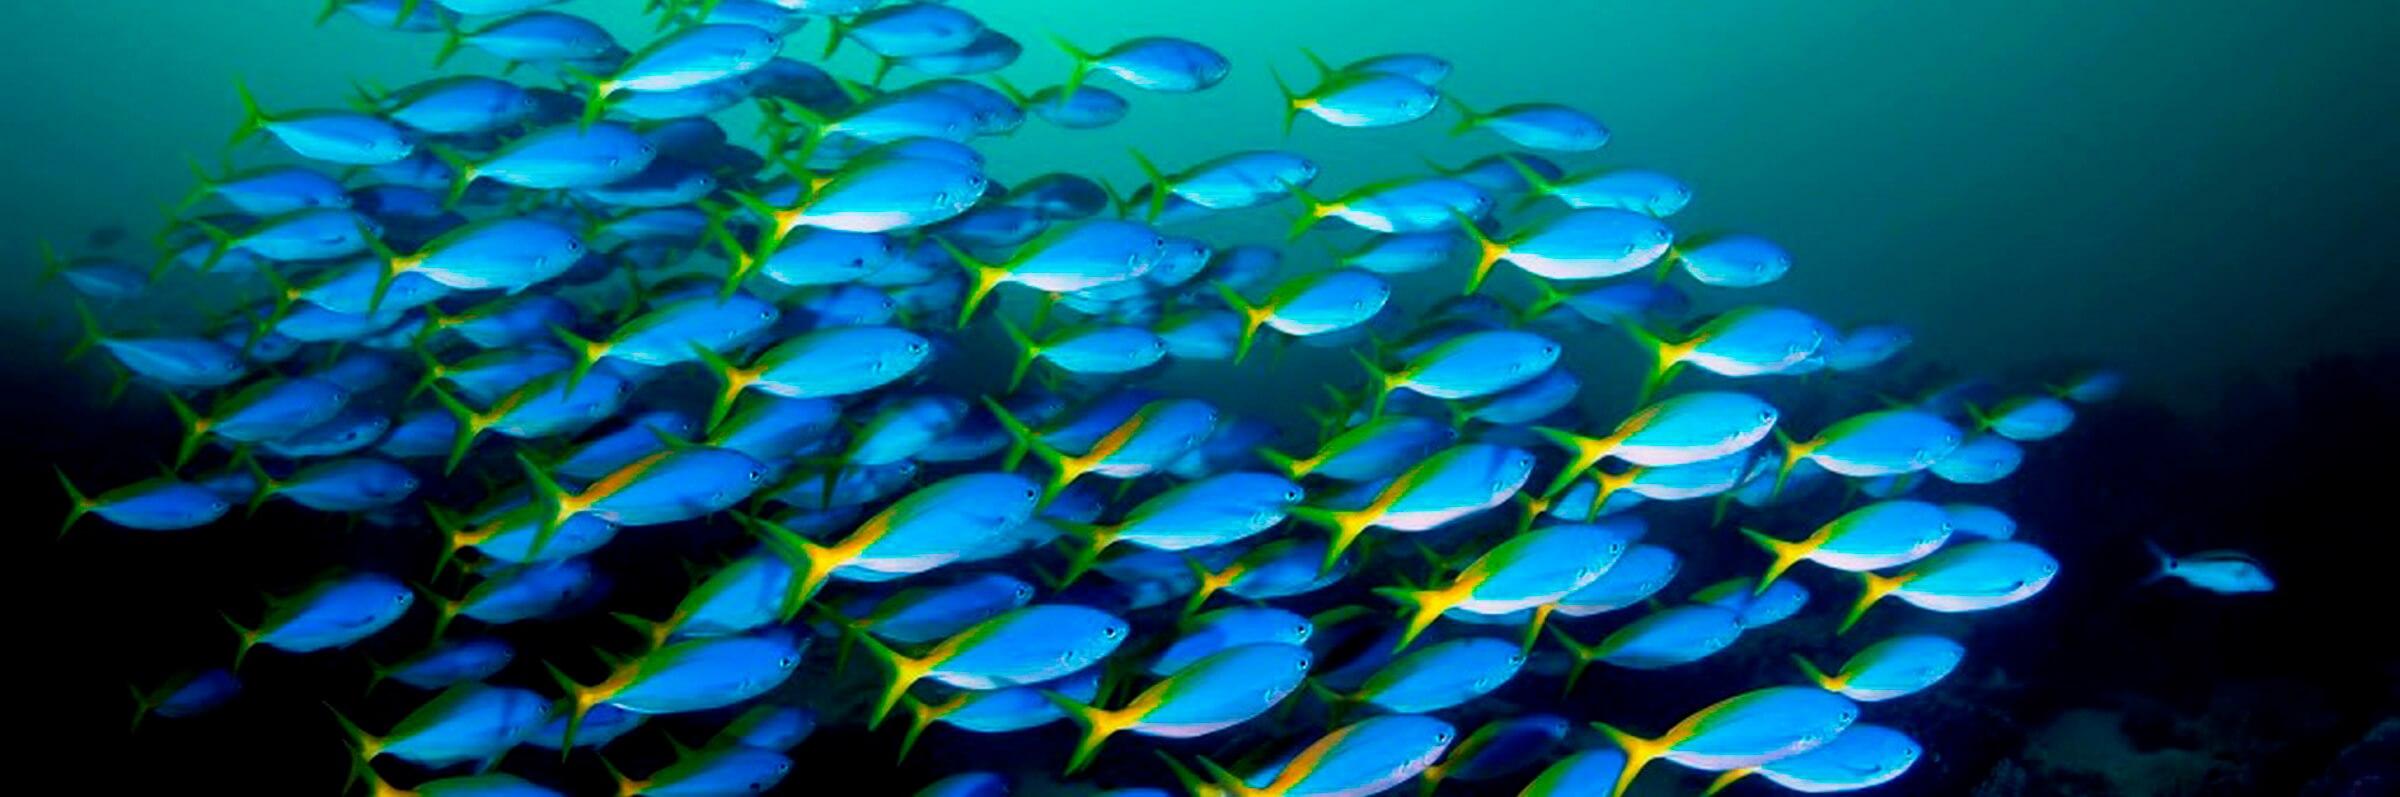 Von der Derawan Dive Lodge aus sind per Boot auch weltbekannten Tauchspots wie Sangalaki, Big Fish Country oder der Jelly Fish Lake in Kakaban erreichbar.